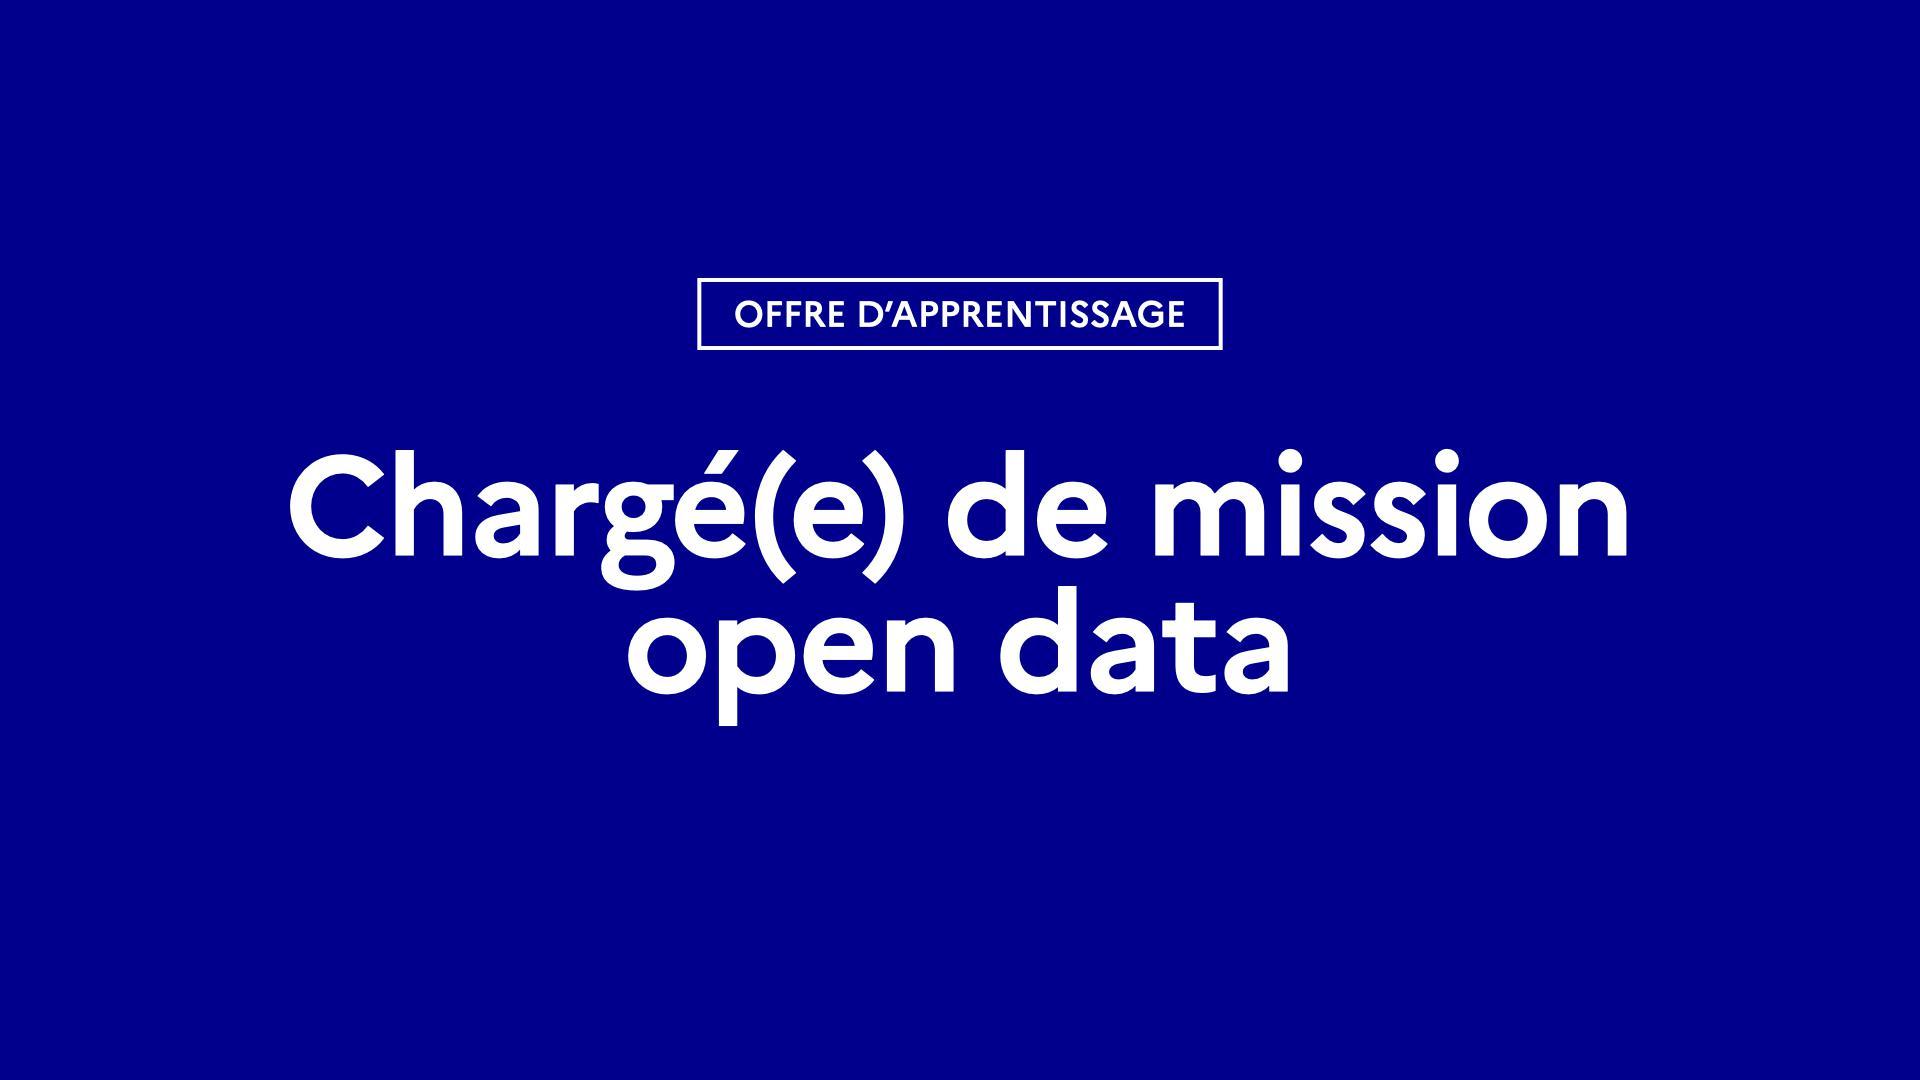 Offre d'apprentissage « Chargé(e) de mission open data » 2021-2022